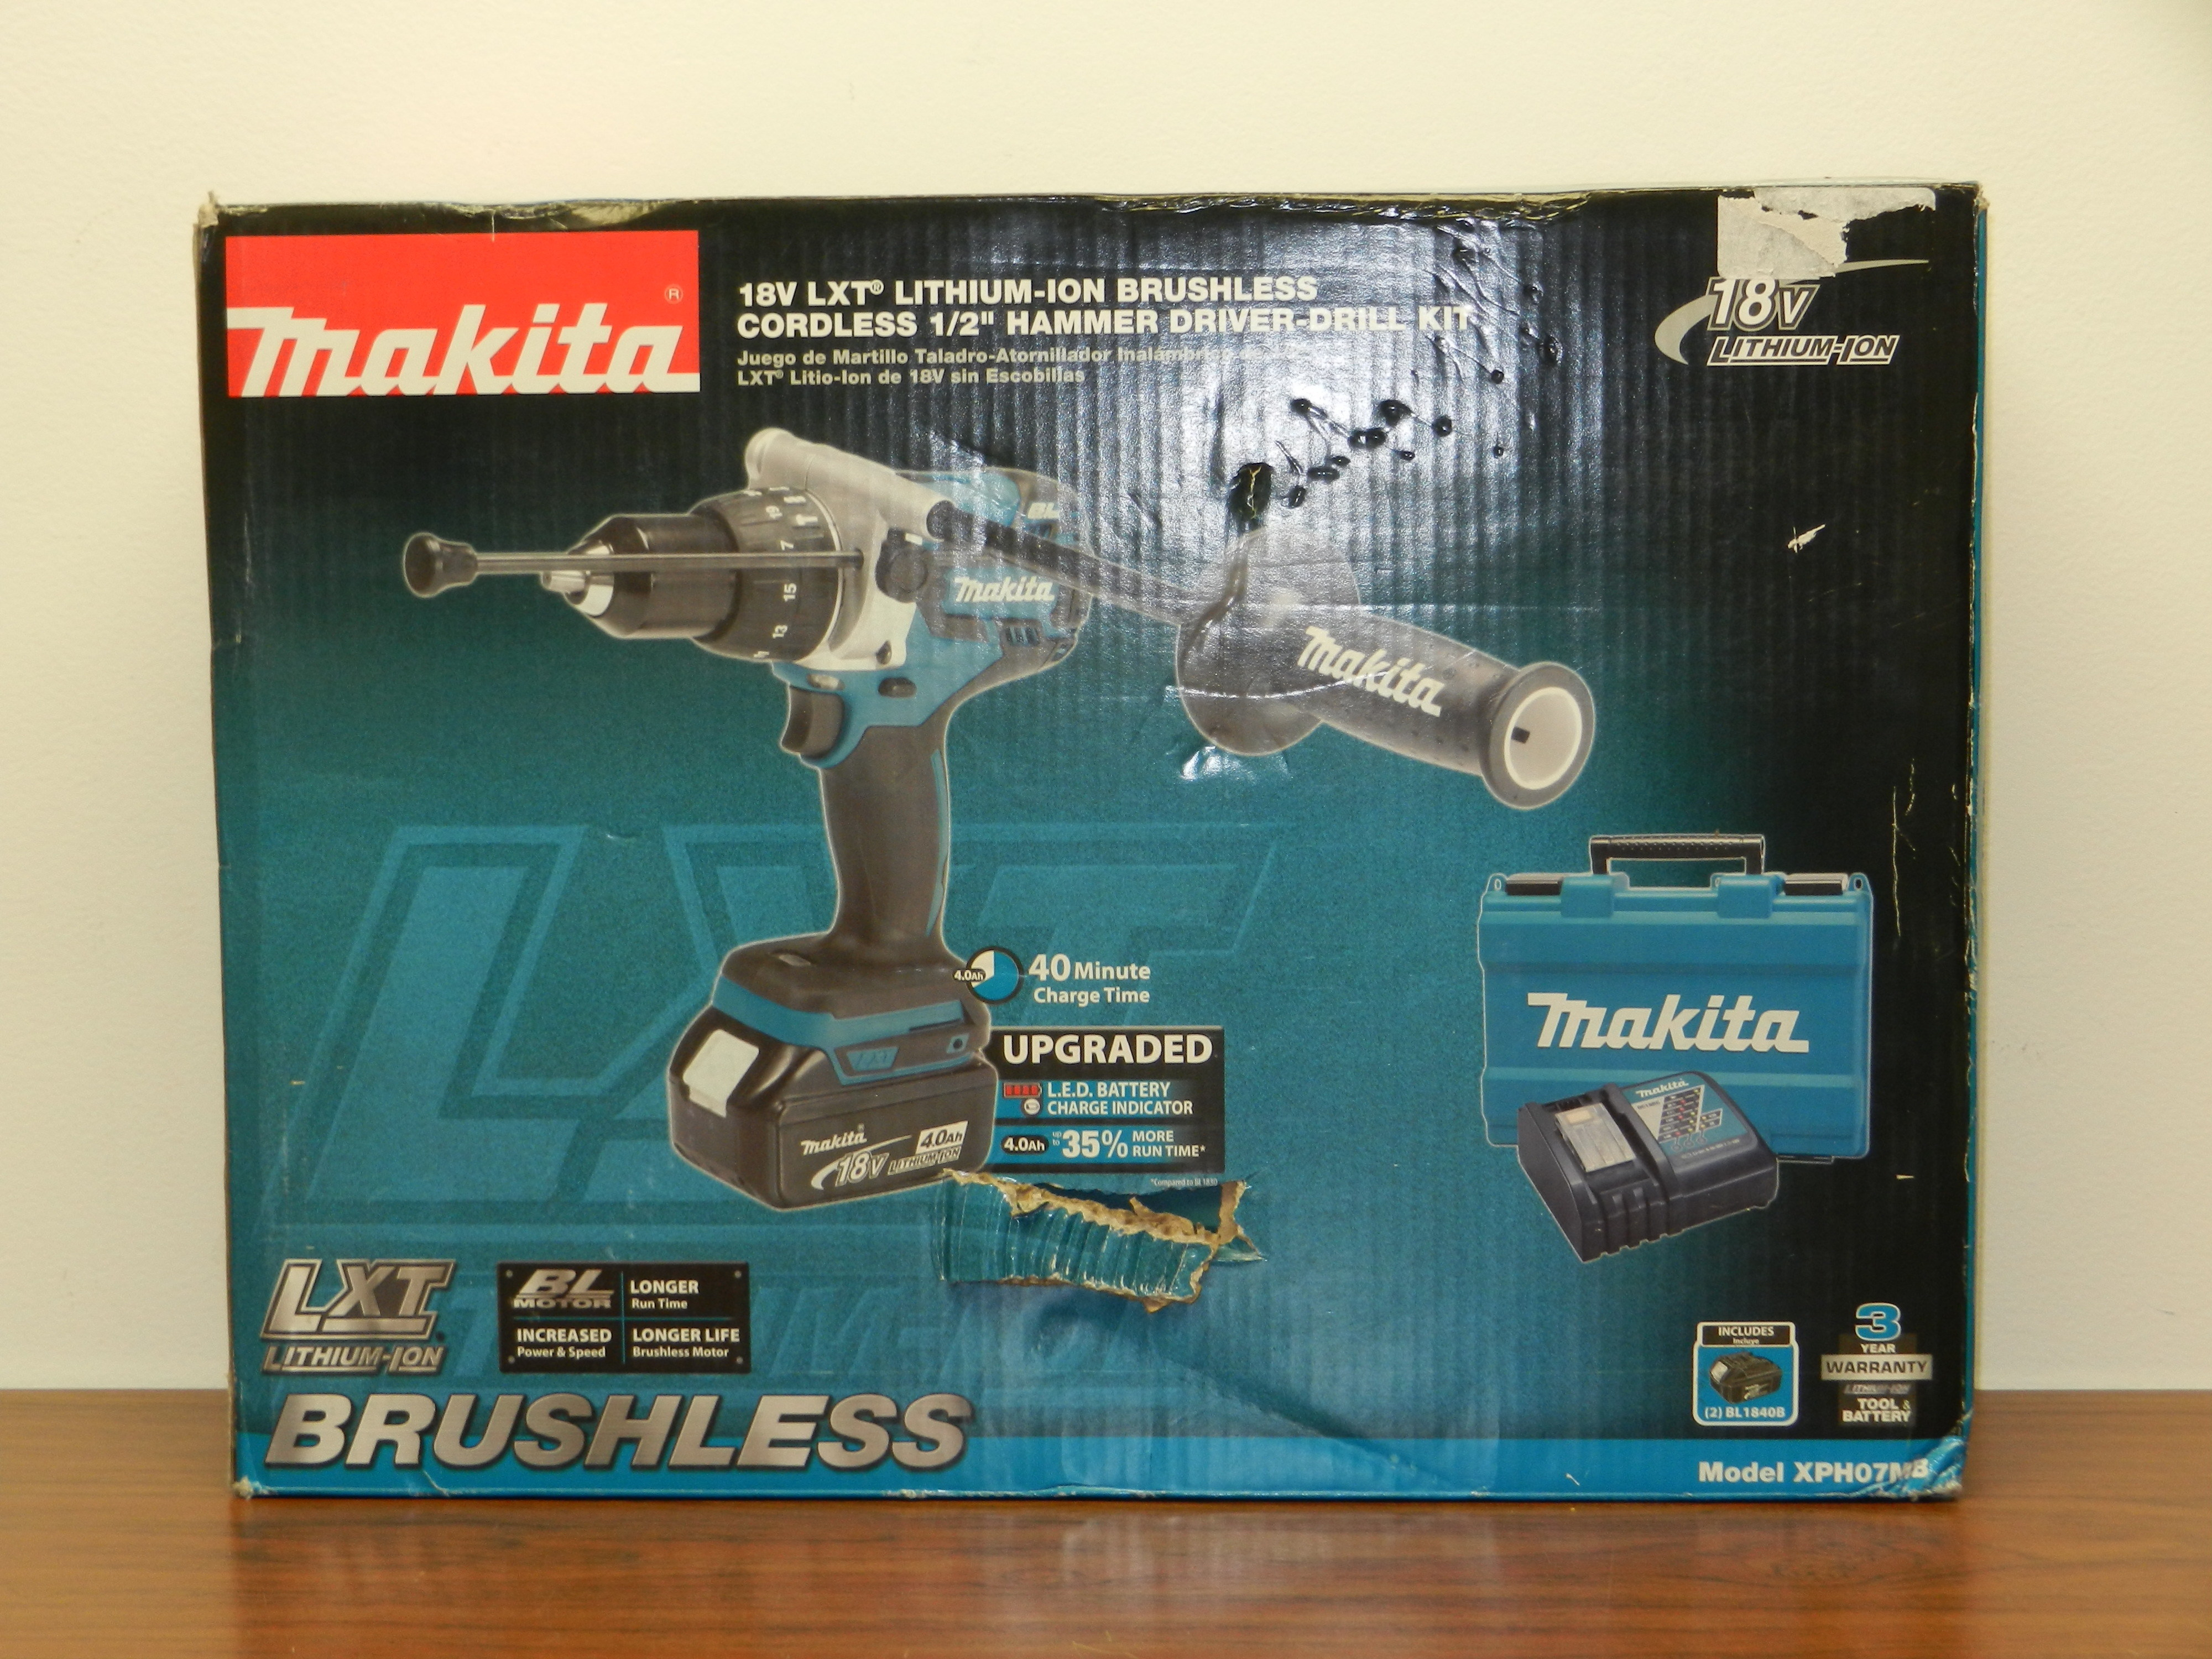 NEW Makita XPH07MB 18V LXT LithiumIon Brushless Cordless1/2